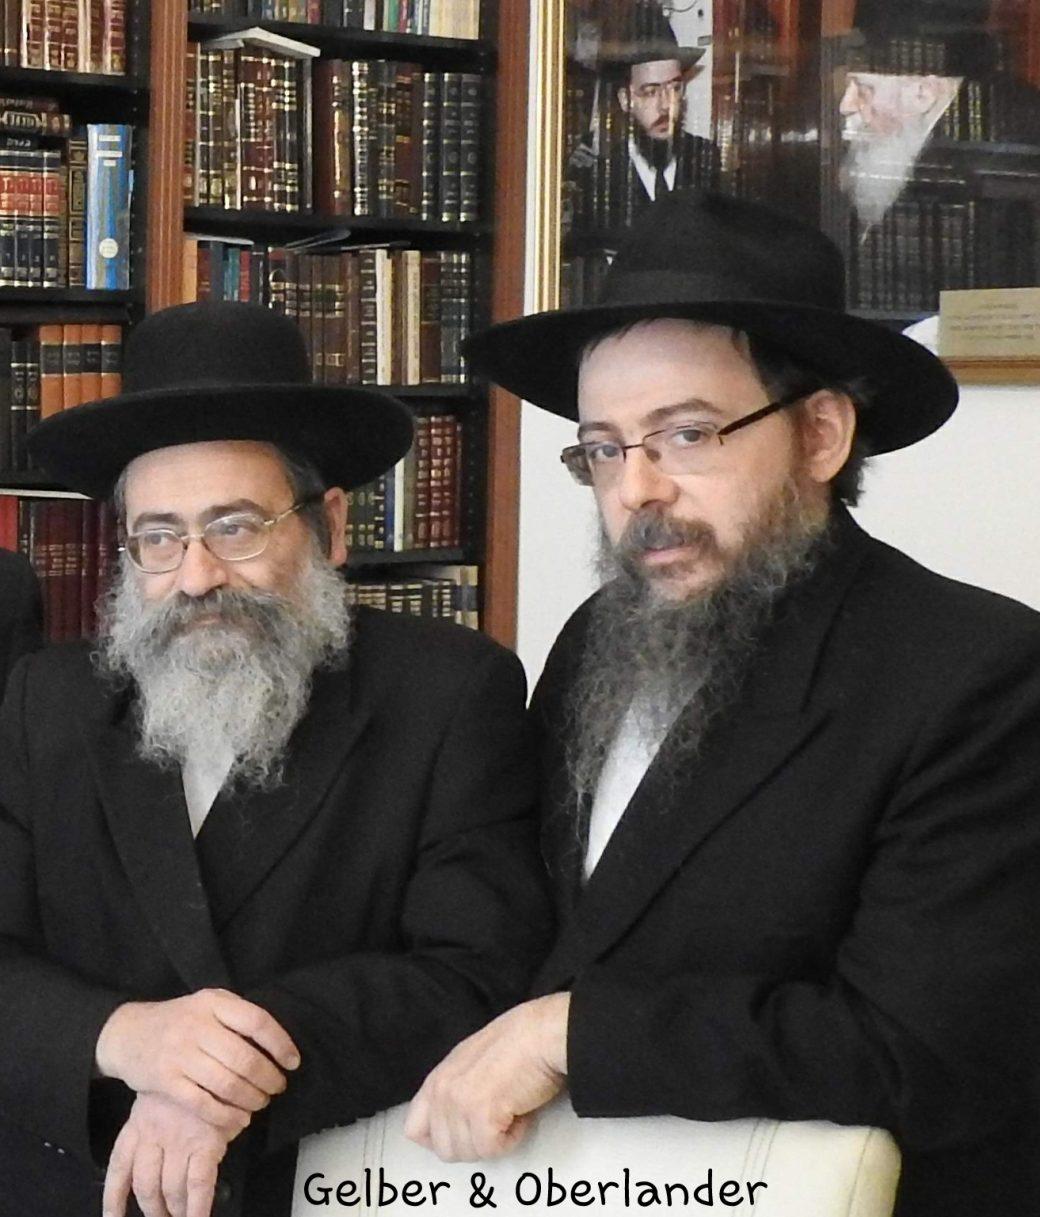 Gelber mohel rabbi és Oberlander rabbi